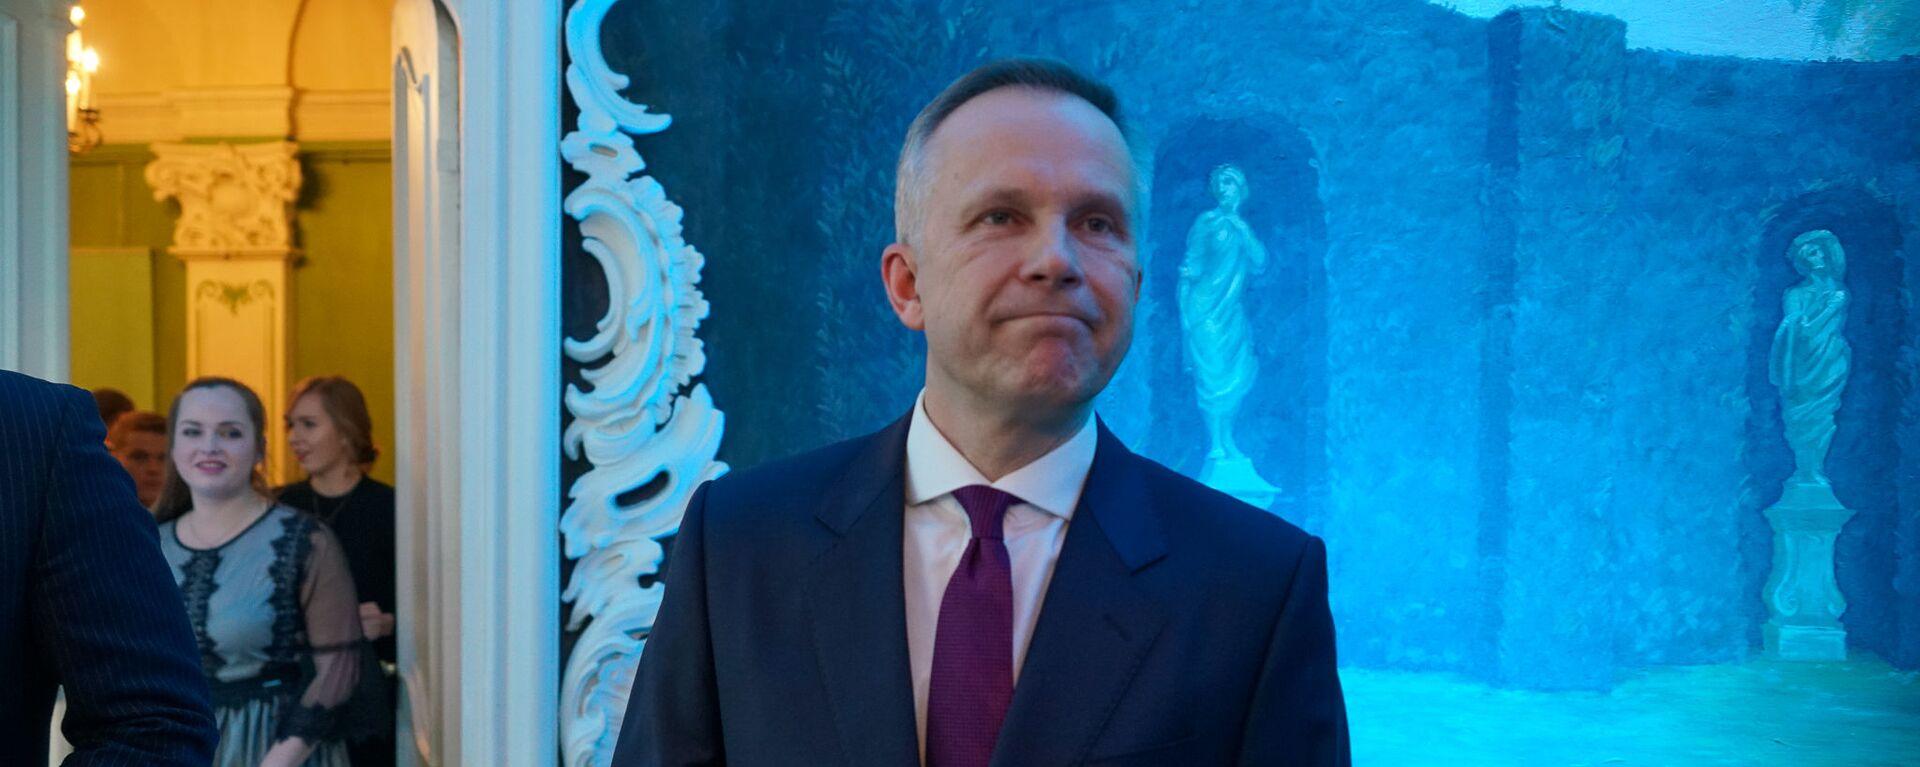 Илмарс Римшевичс на церемонии награждения самых успешных людей латвийского спорта по итогам 2018 года - Sputnik Латвия, 1920, 18.05.2020